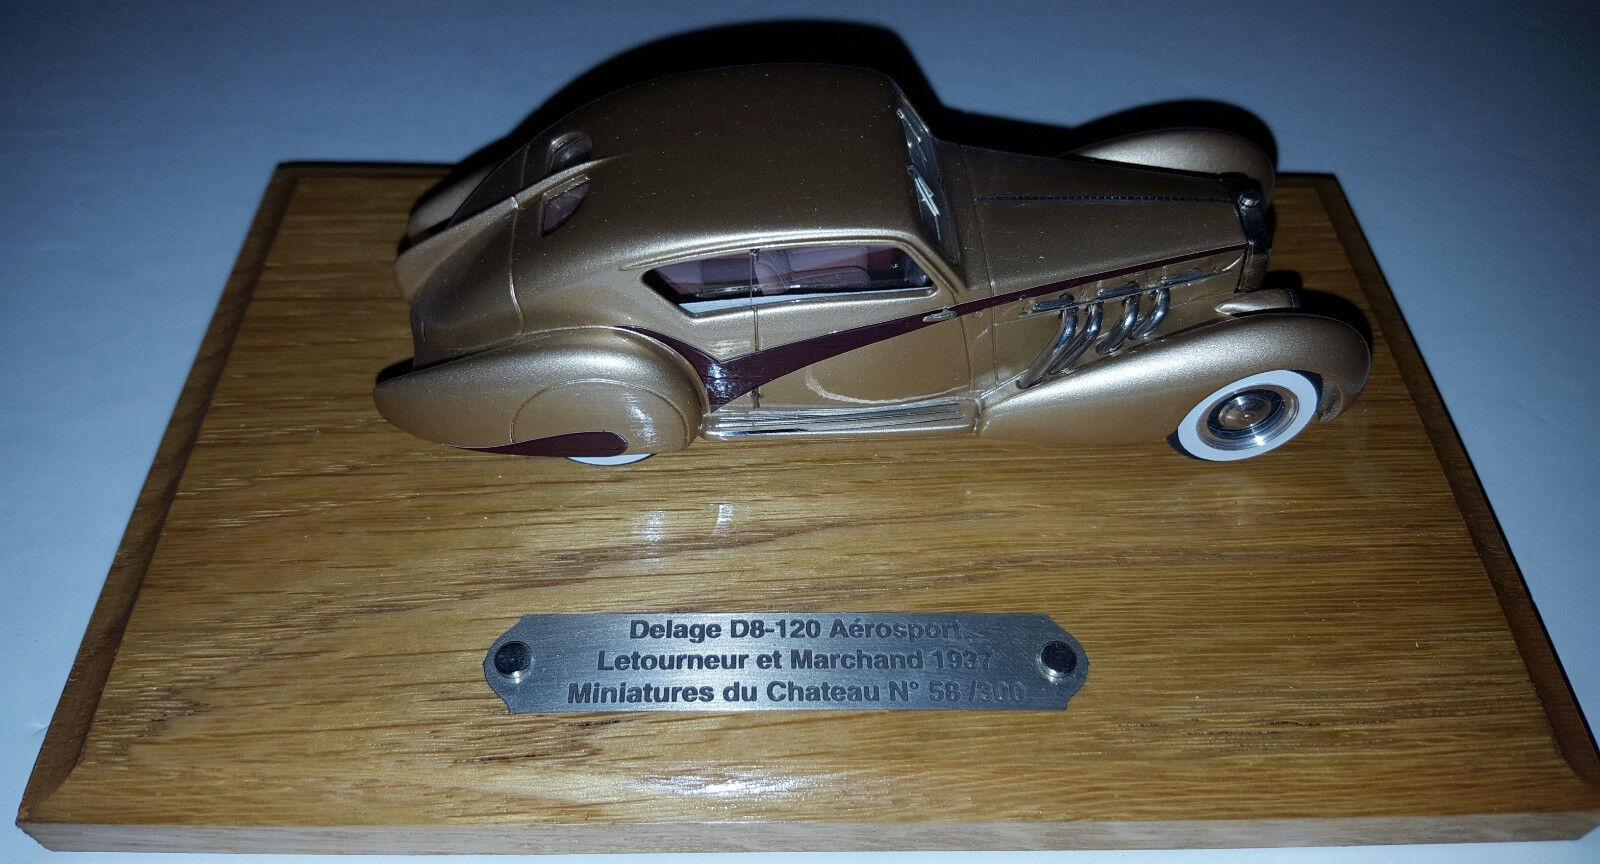 Heco  MC50 1 43 Delage D8-120 AEROSPORT Letourneur et marchand 1937 oro   300